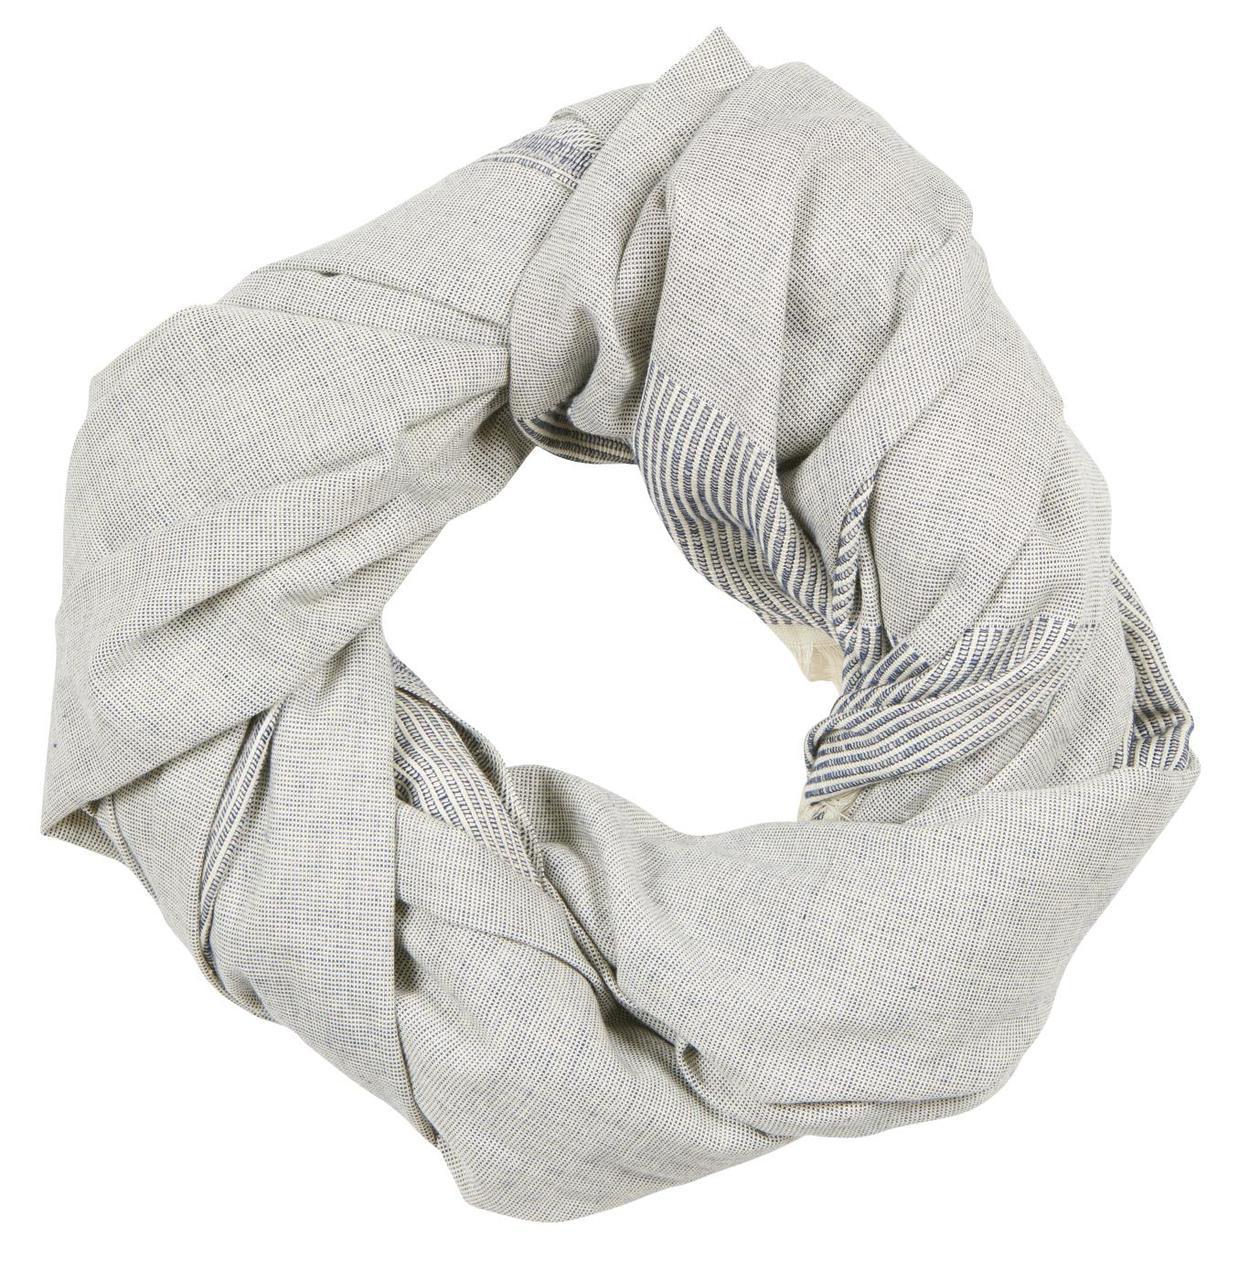 IB LAURSEN TUCH CLOTH TOWEL FRANSEN BLAU WEISS STREIFEN GESTREIFT ONLINE SHOP ONLINE KAUFEN